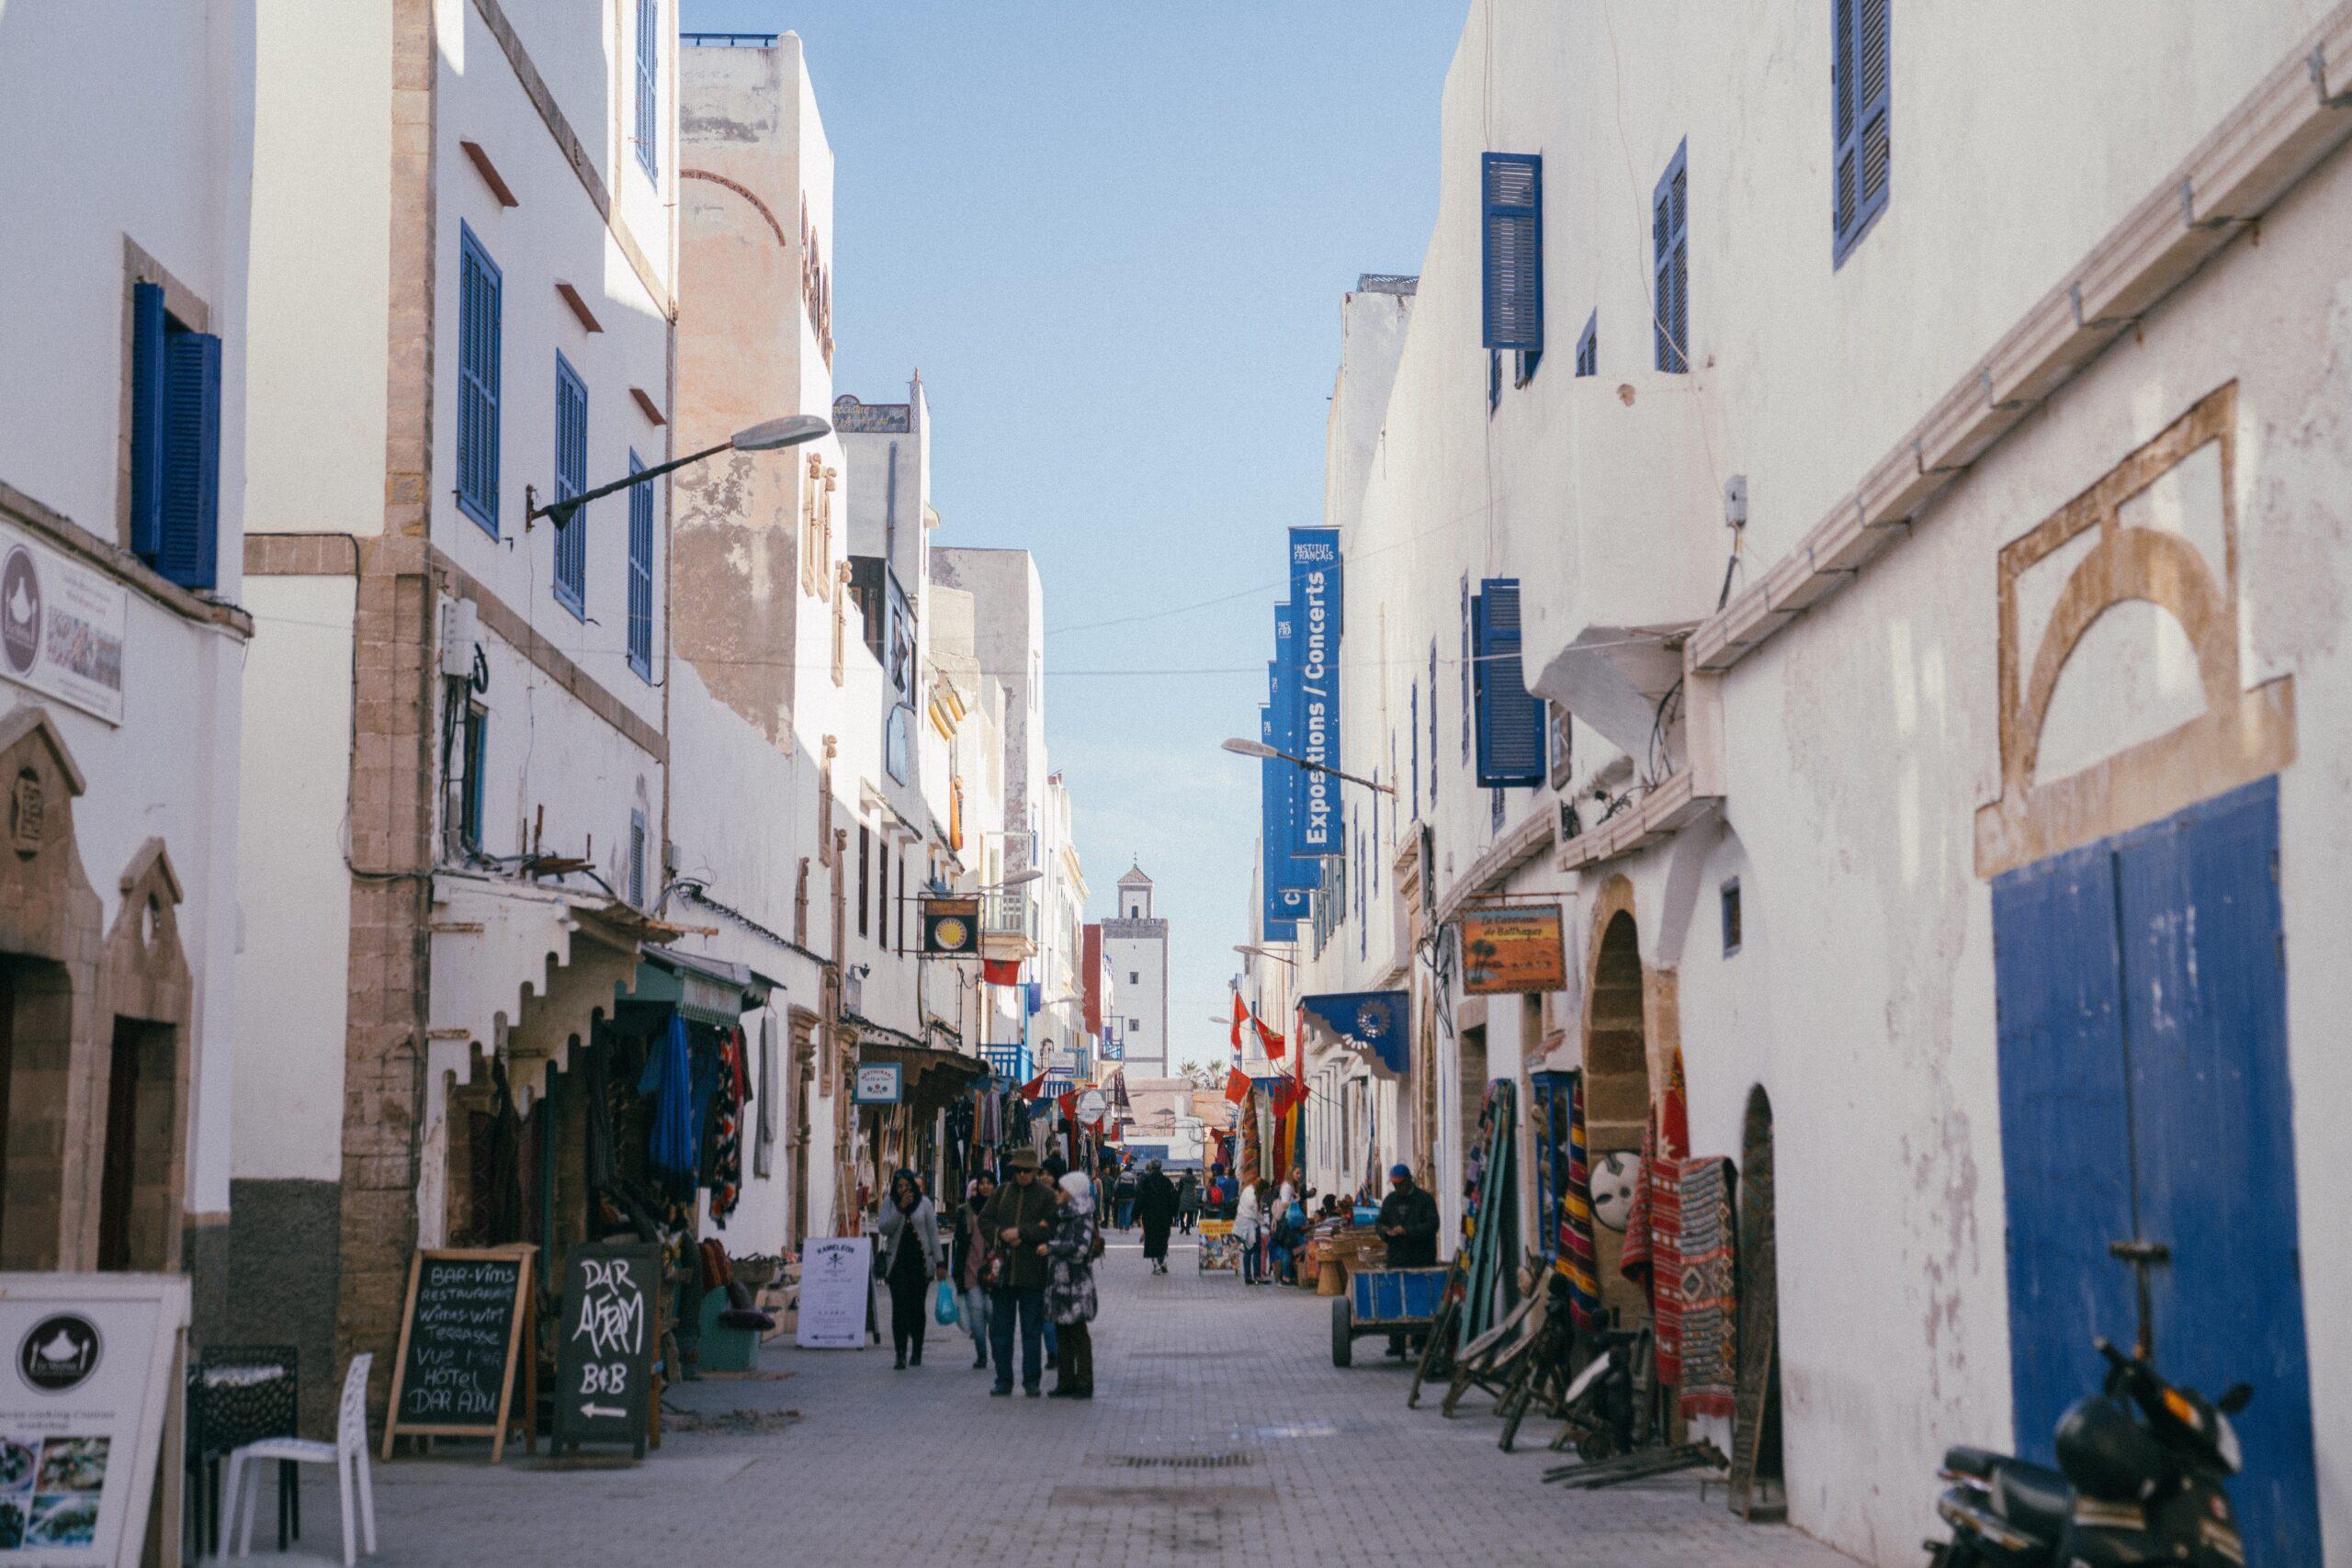 Imagen de la noticia Refuerzo de las capacidades de desarrollo regional y local en la región del norte de Marruecos